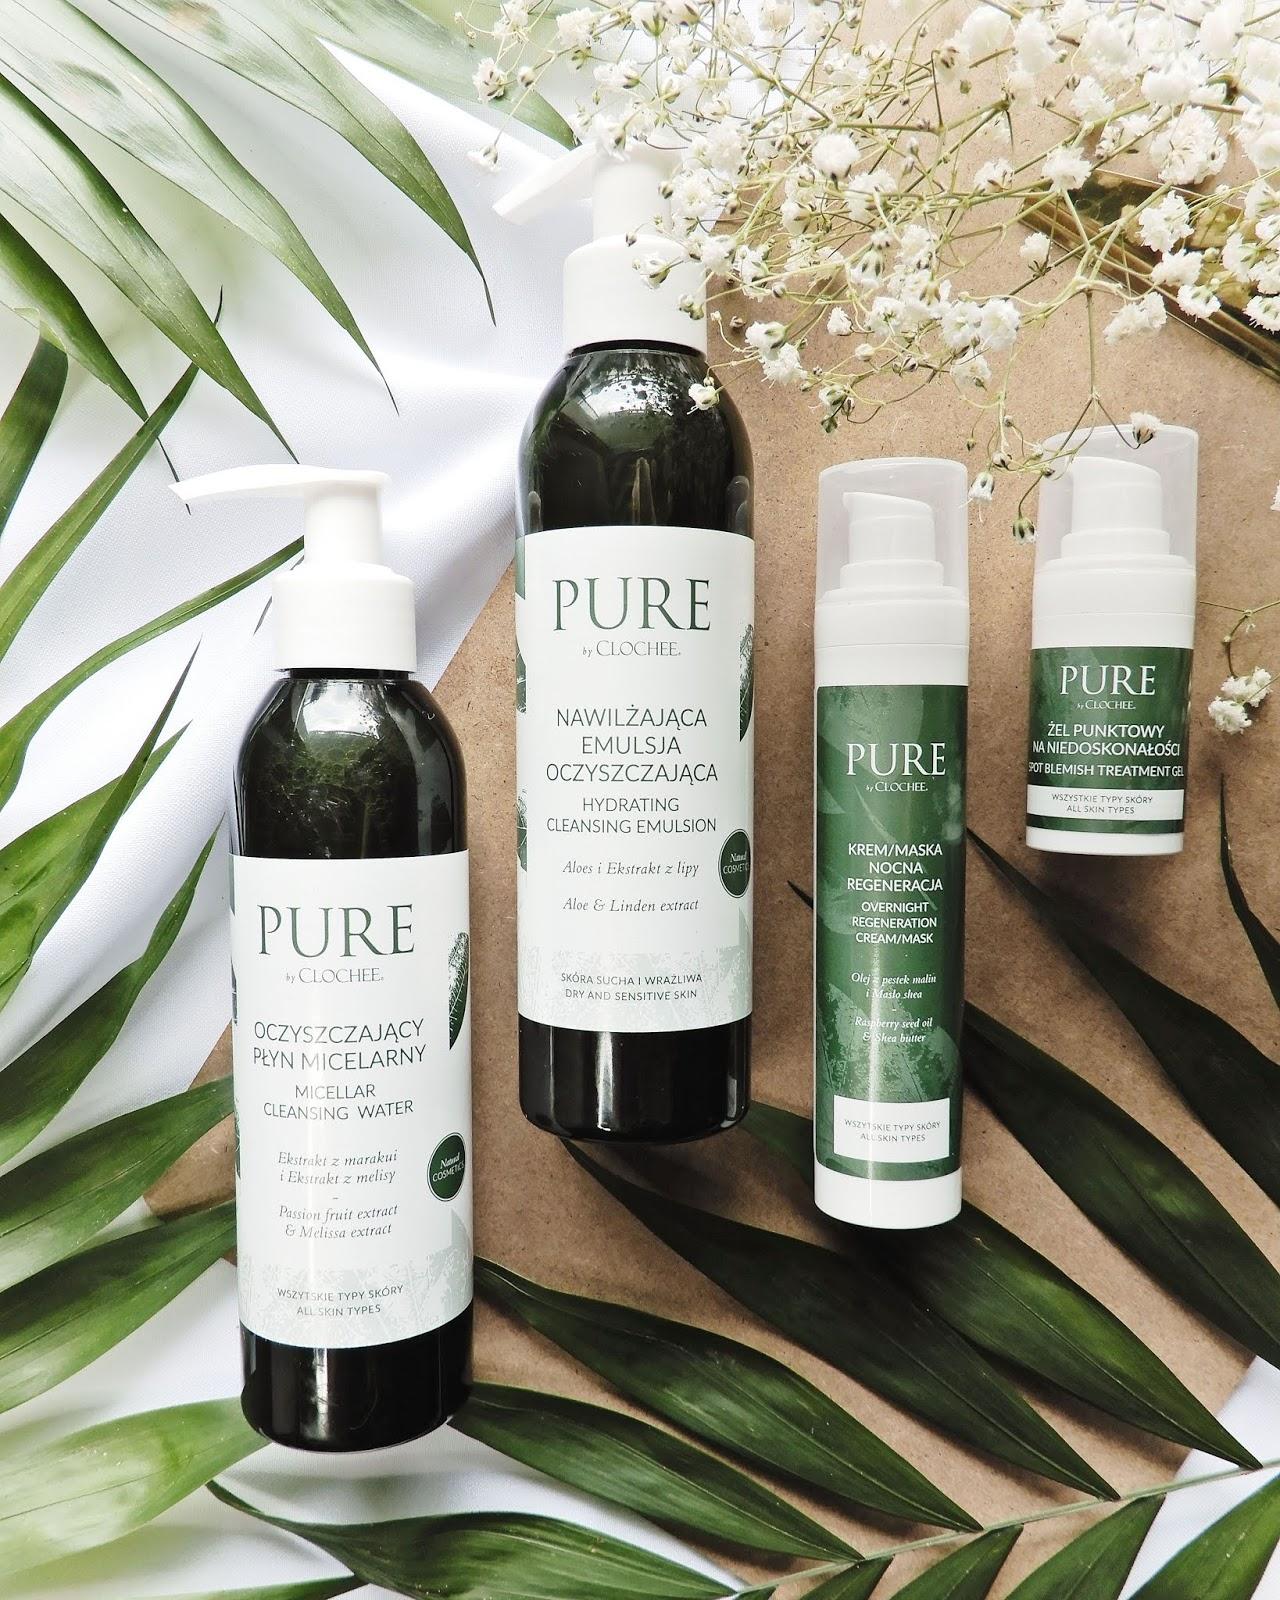 Pure By Clochee   Siła zielonych opakowań